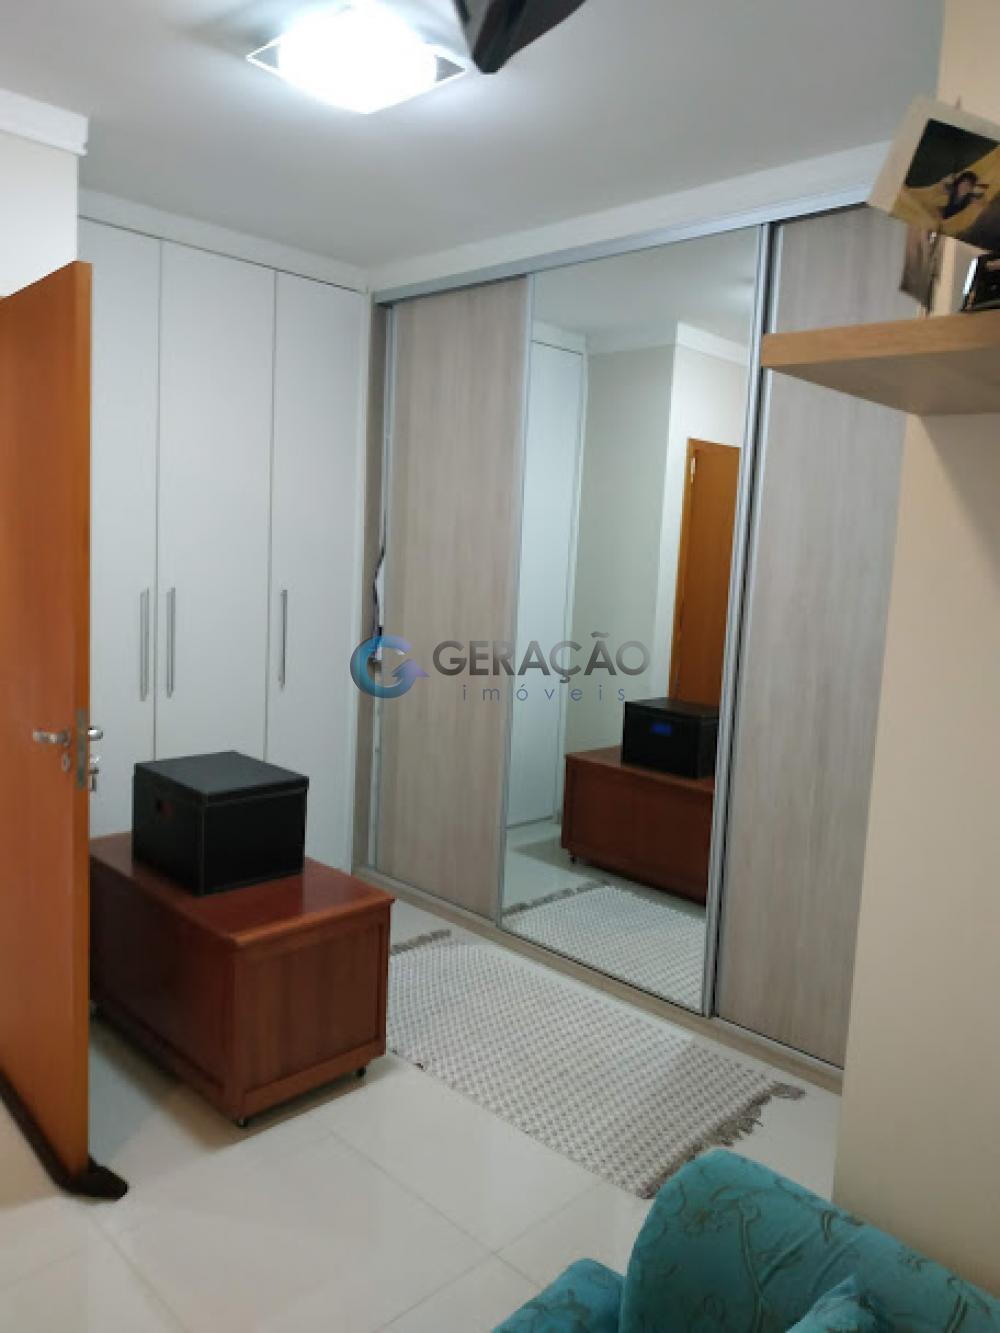 Comprar Casa / Condomínio em São José dos Campos R$ 1.150.000,00 - Foto 21